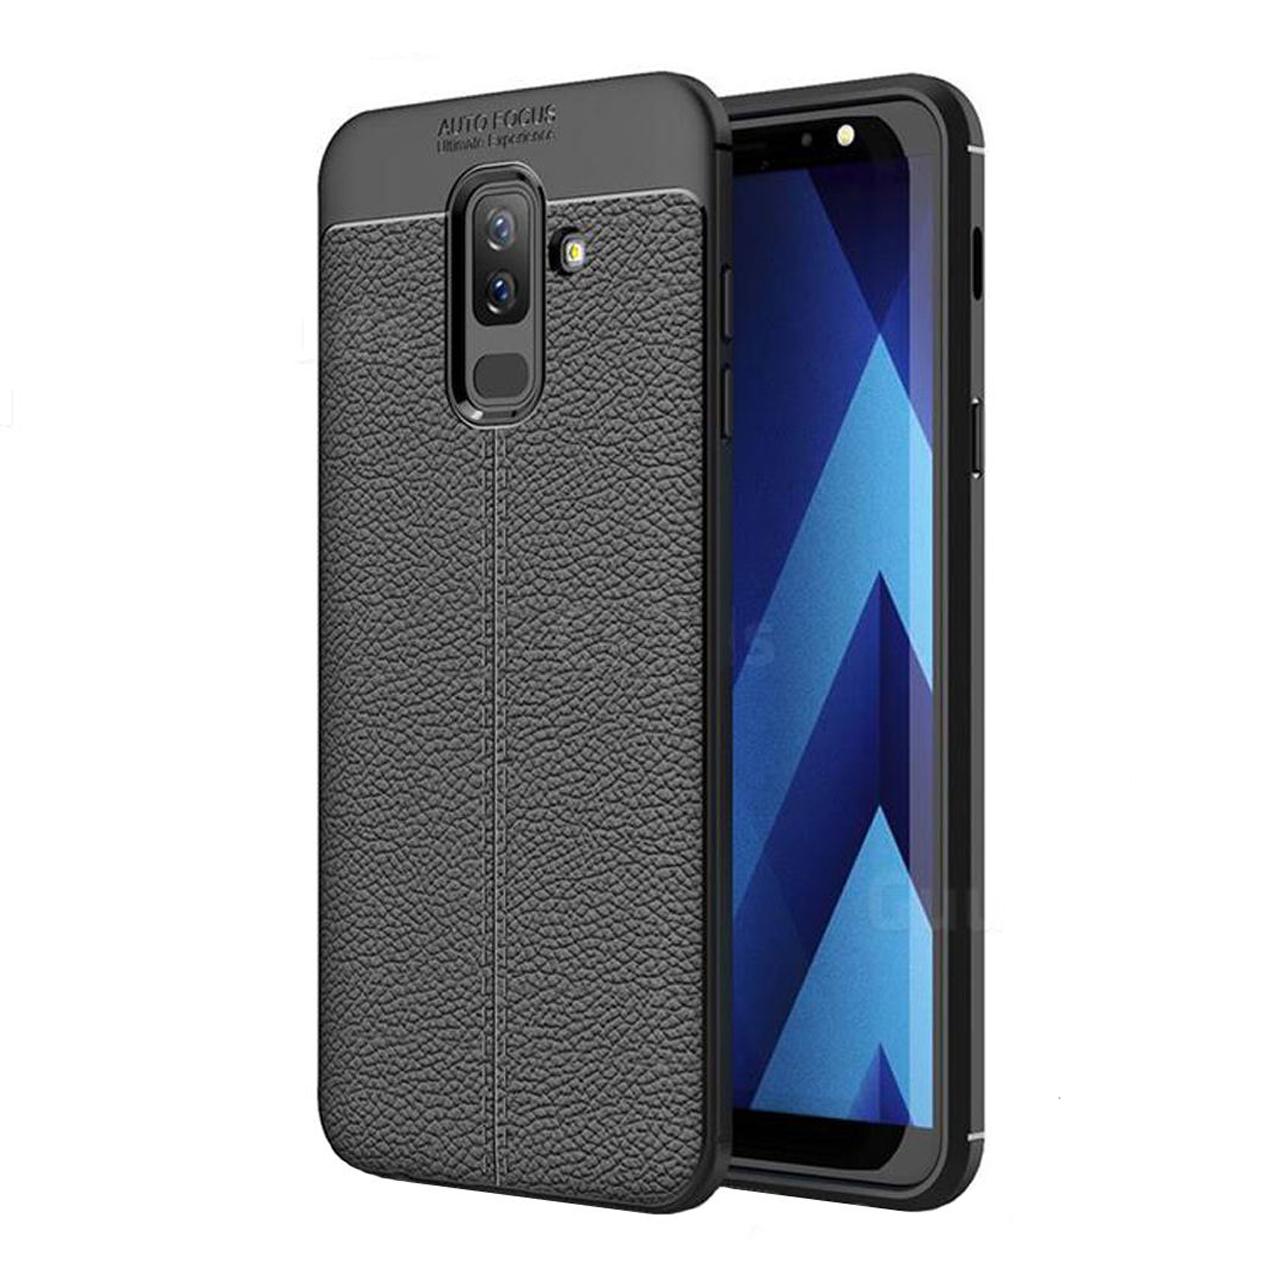 کاور مورفی مدل Auto7 مناسب برای گوشی موبایل سامسونگ Galaxy A6 Plus